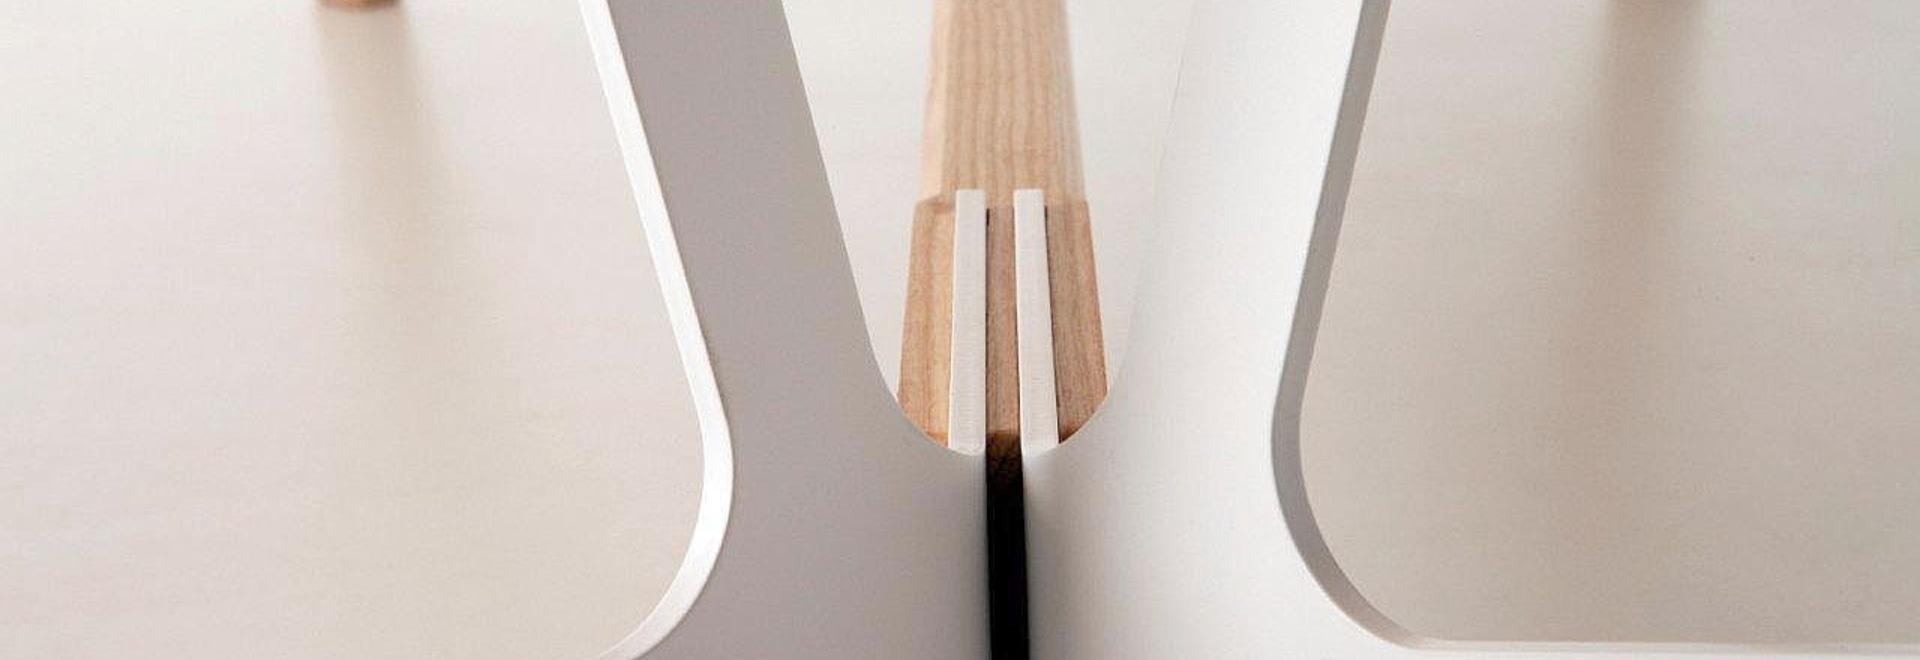 Table supérieure de conception avec une barre de repose-pieds, conception Alfredo Haberli